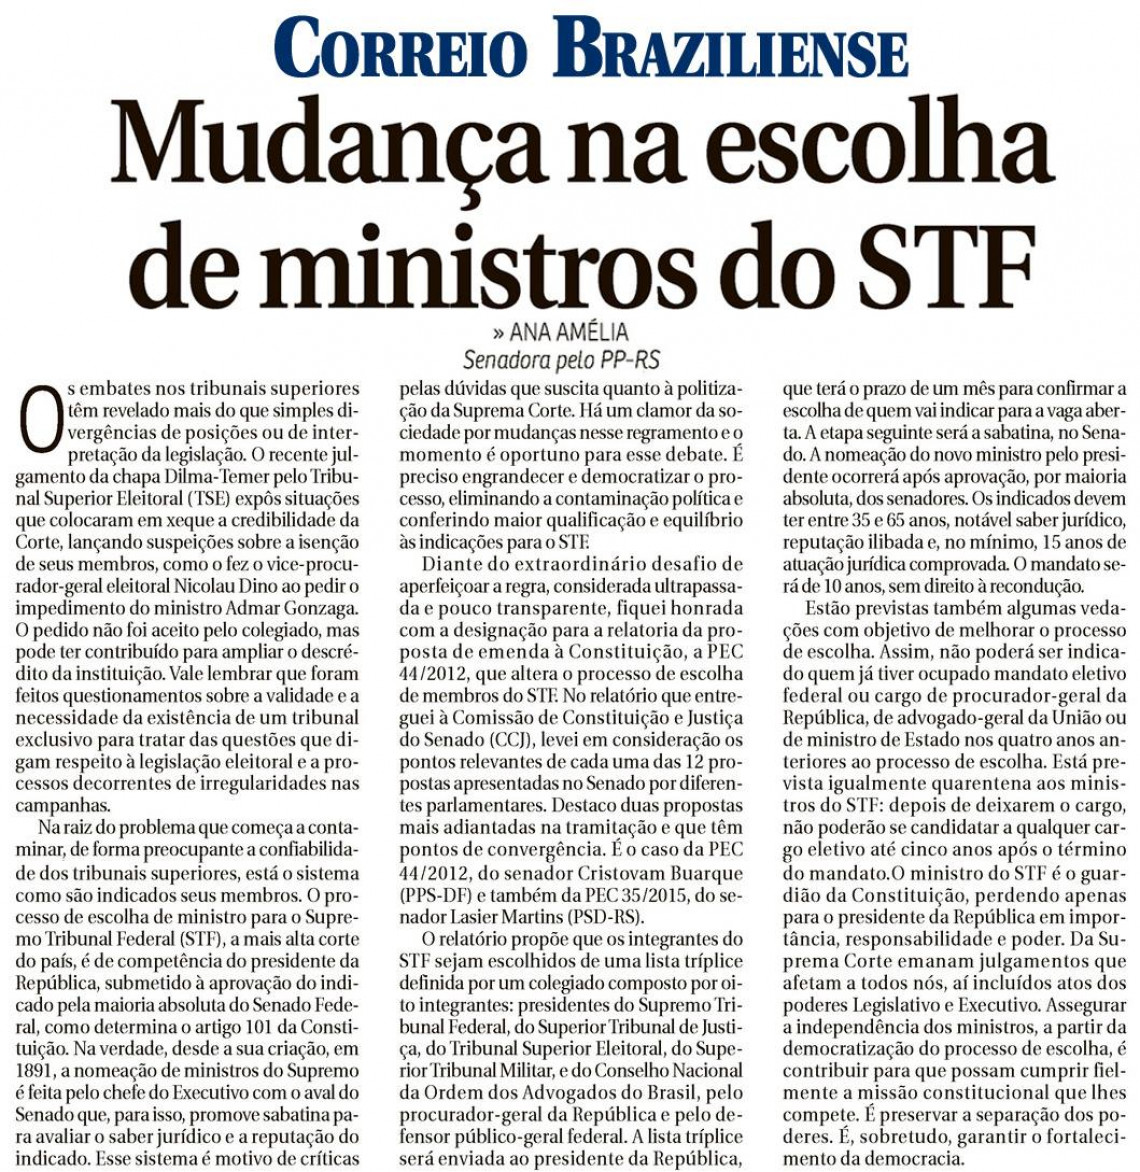 Em artigo no jornal Correio Braziliense, Ana Amélia apresenta proposta para democratizar processo de escolha de ministros do STF